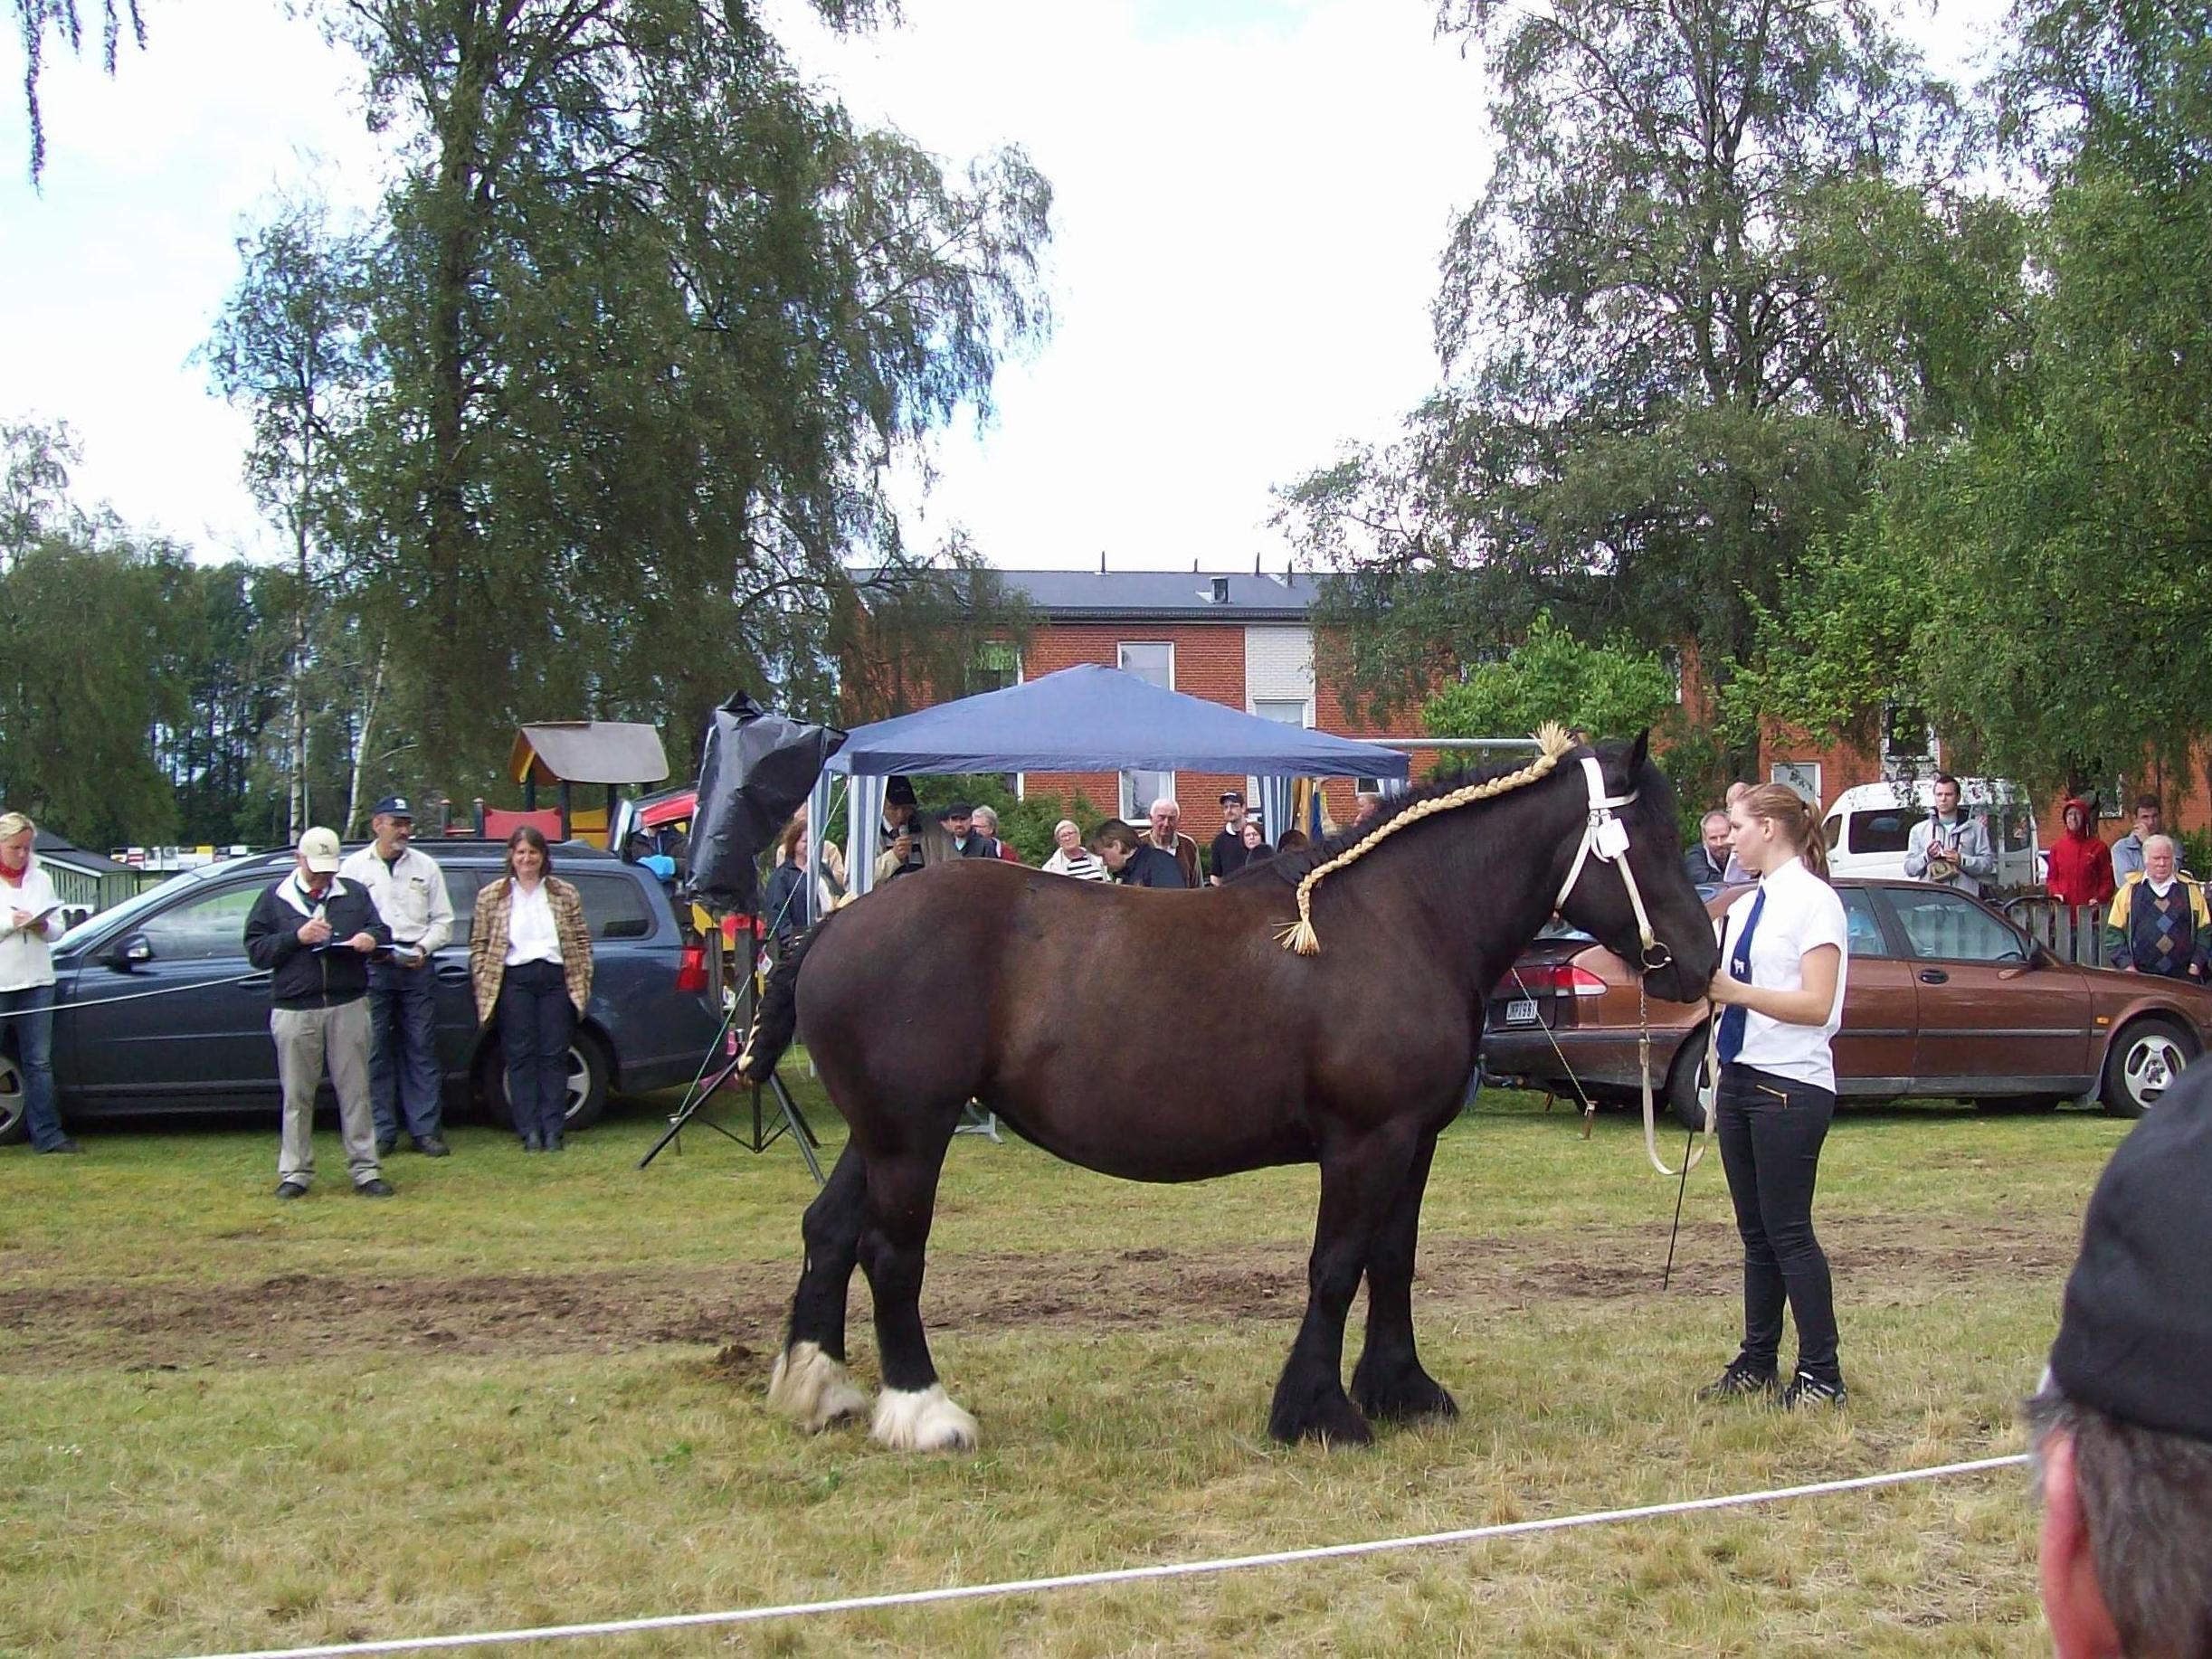 Horse viewing at Stationsområdet, Hamneda